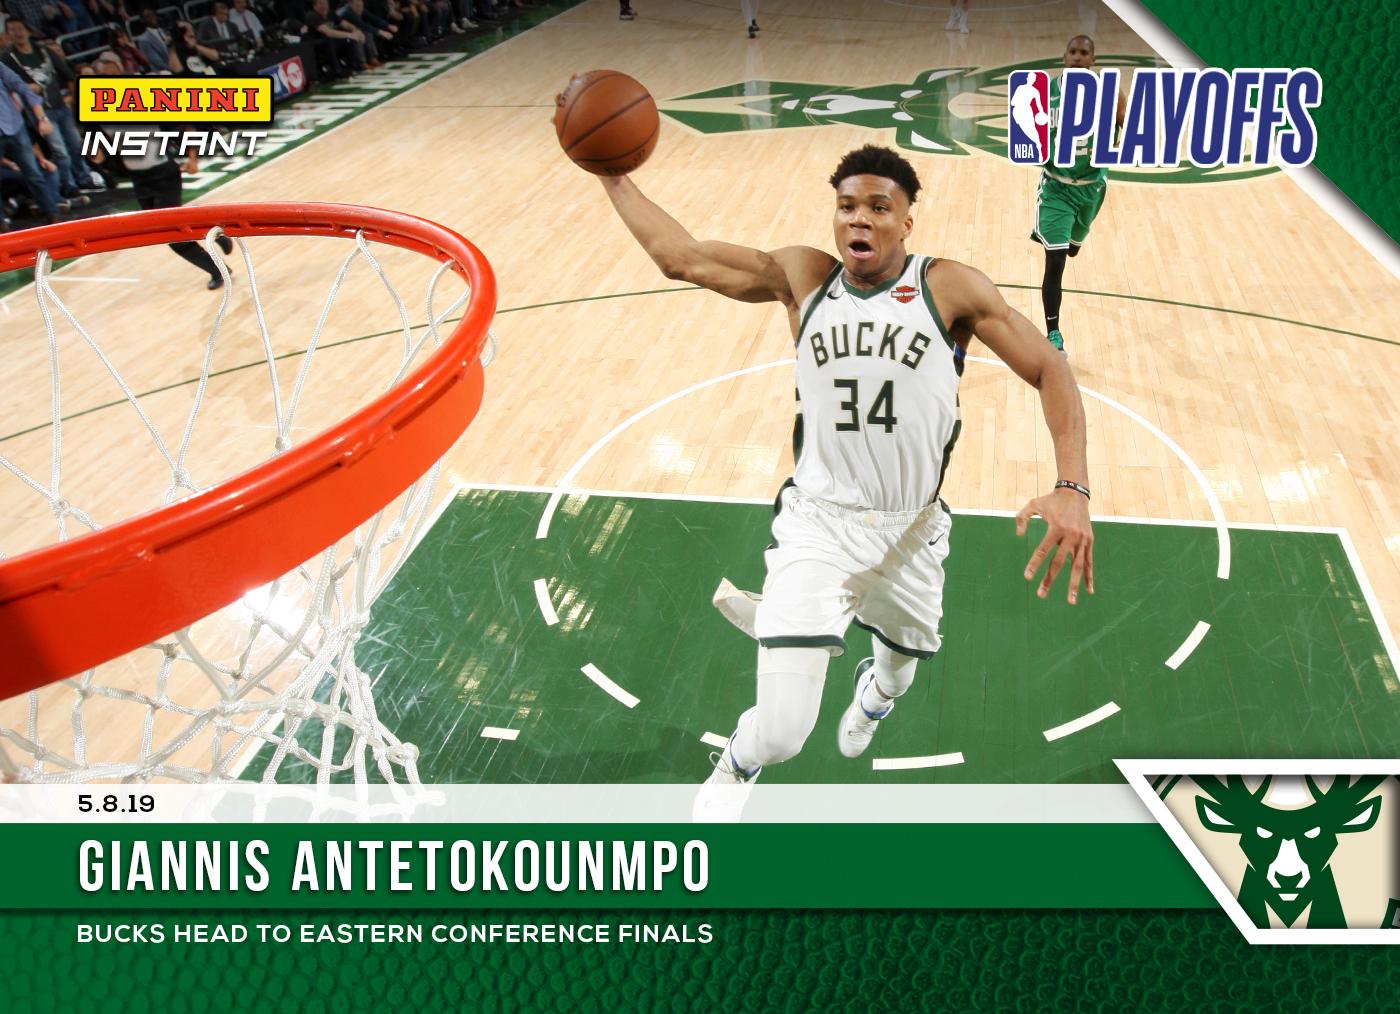 a2f0fb45eeb11 Giannis Antetokounmpo – 2018-19 NBA Instant #145 – Green 1/10